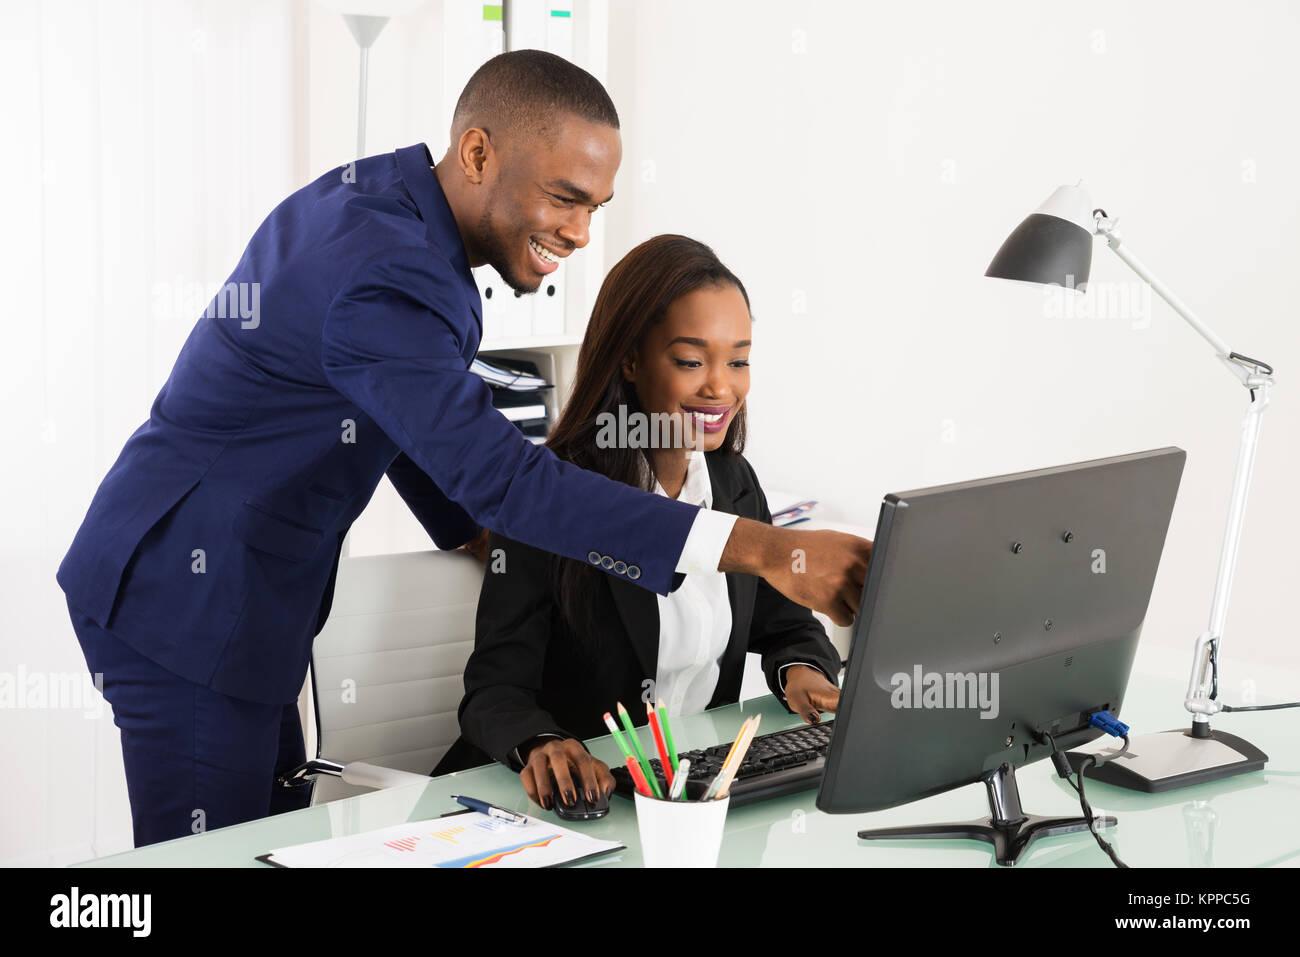 Los empresarios trabajan en equipo en Office Imagen De Stock